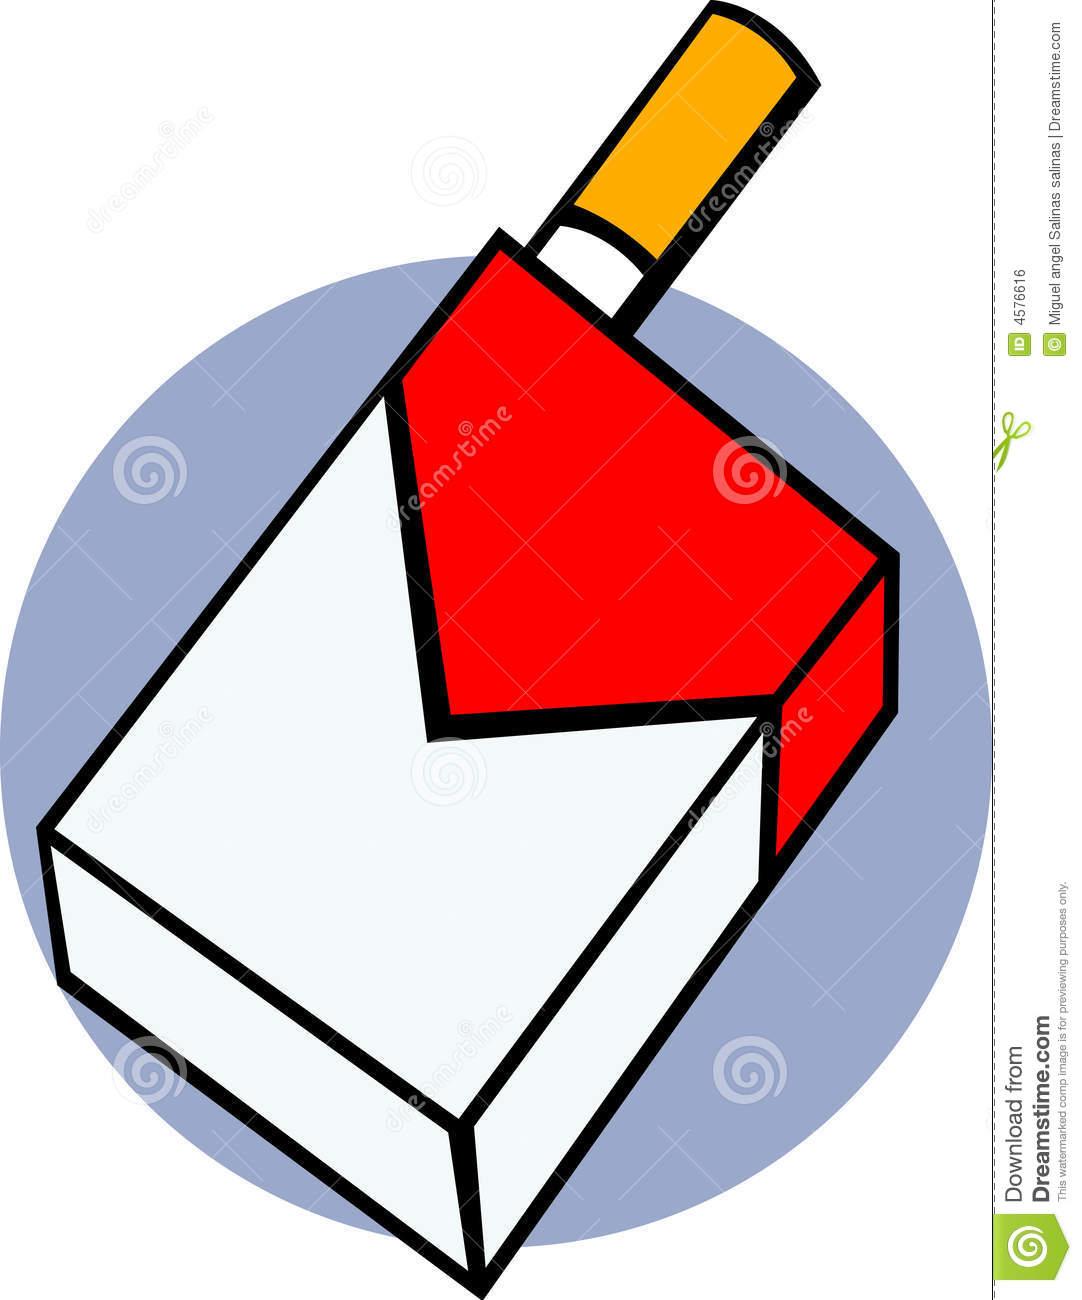 Cigarette clipart, Cigarette Transparent FREE for download on  WebStockReview 2020